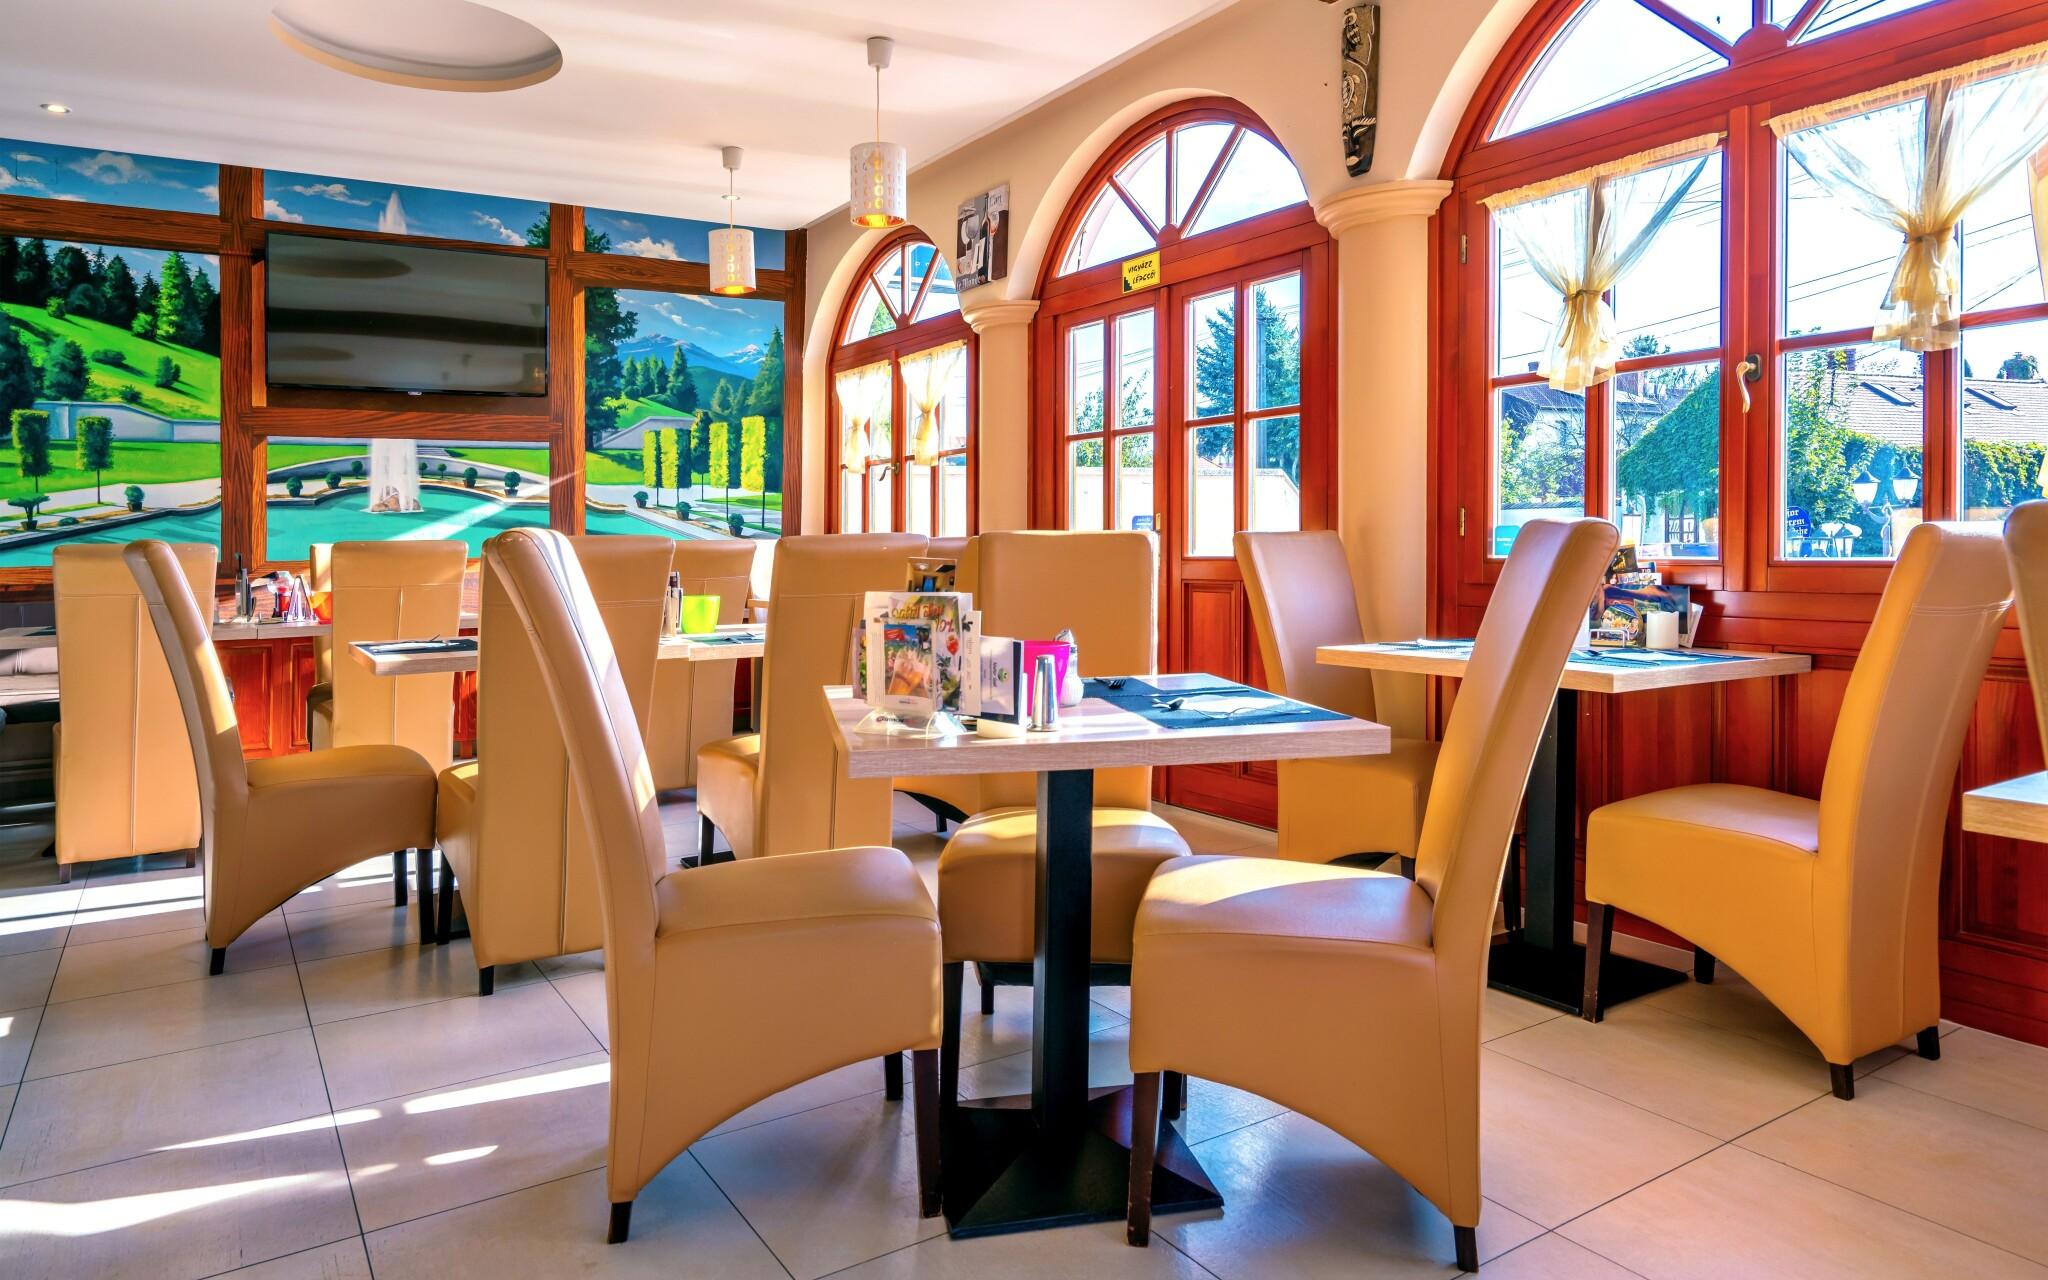 Reštaurácia, raňajky penzión Bajor Bük Maďarsko